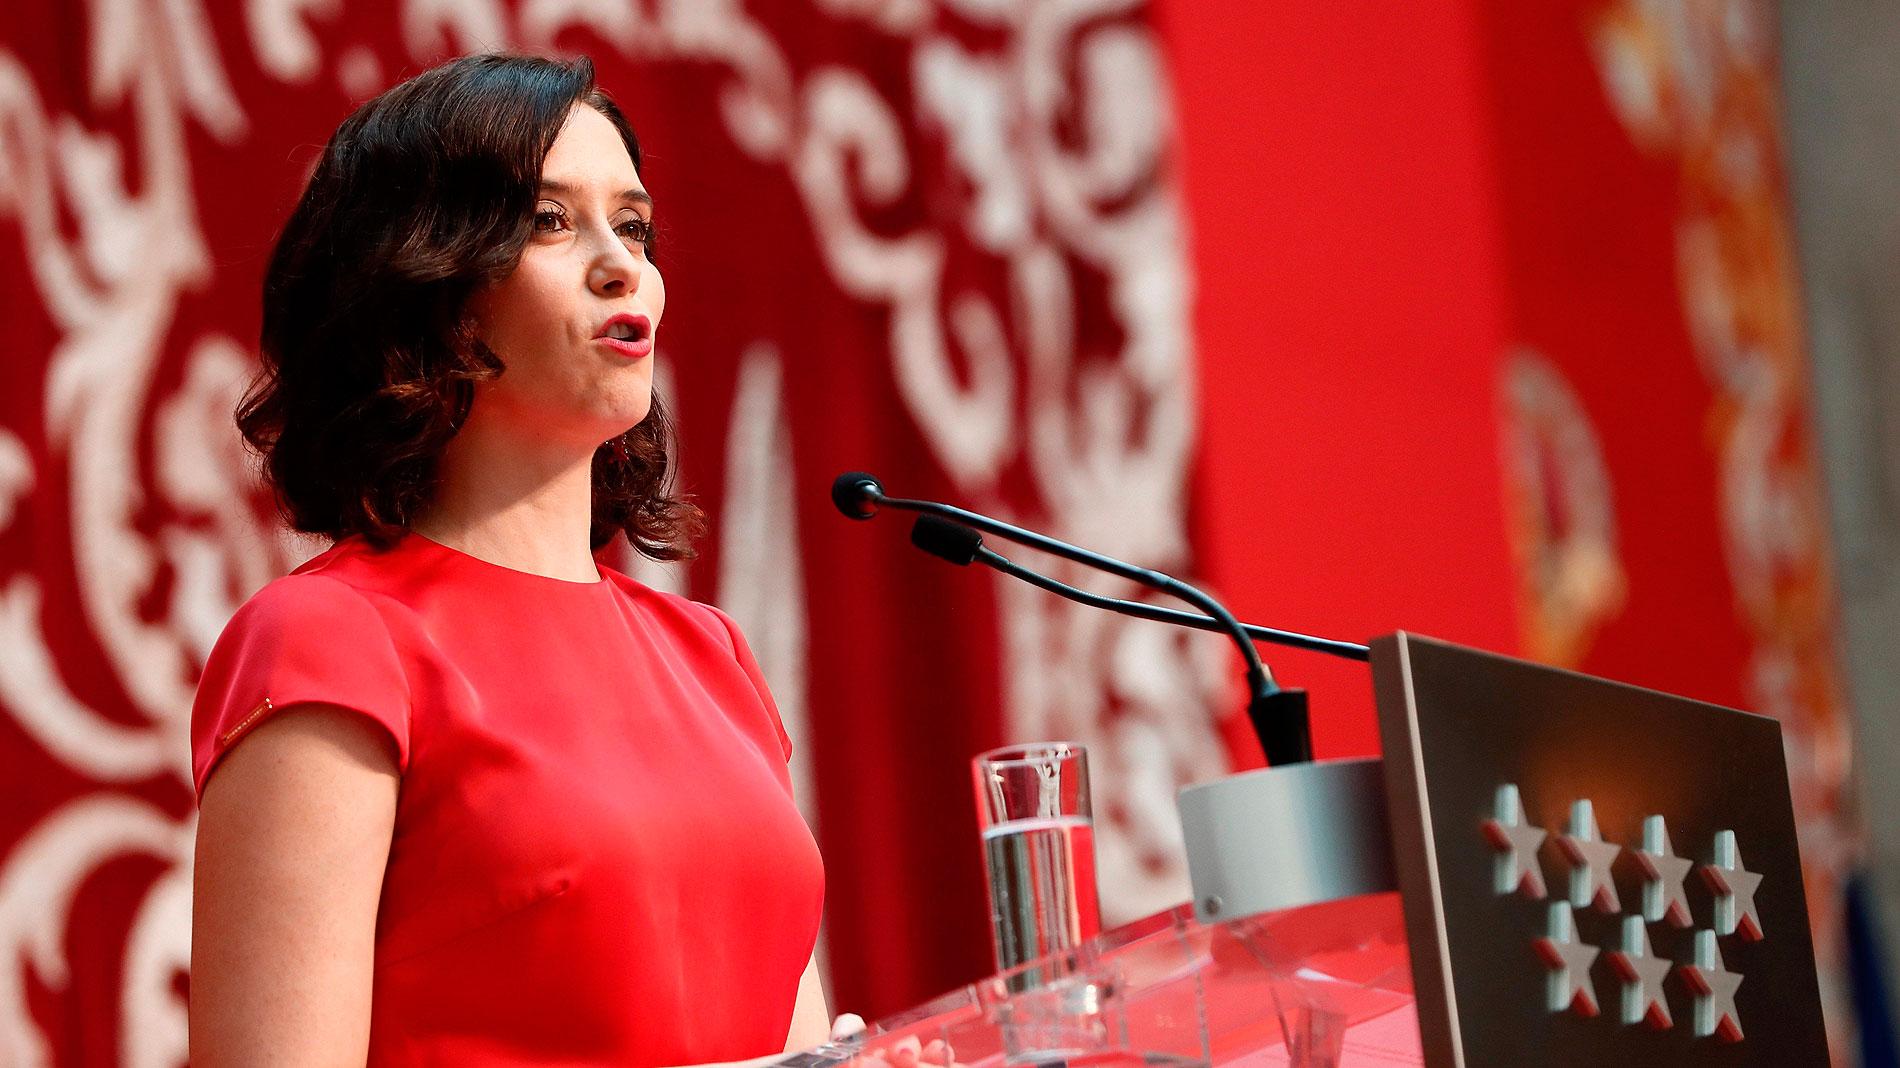 La toma de posesión de Díaz Ayuso reúne a la cúpula del PP